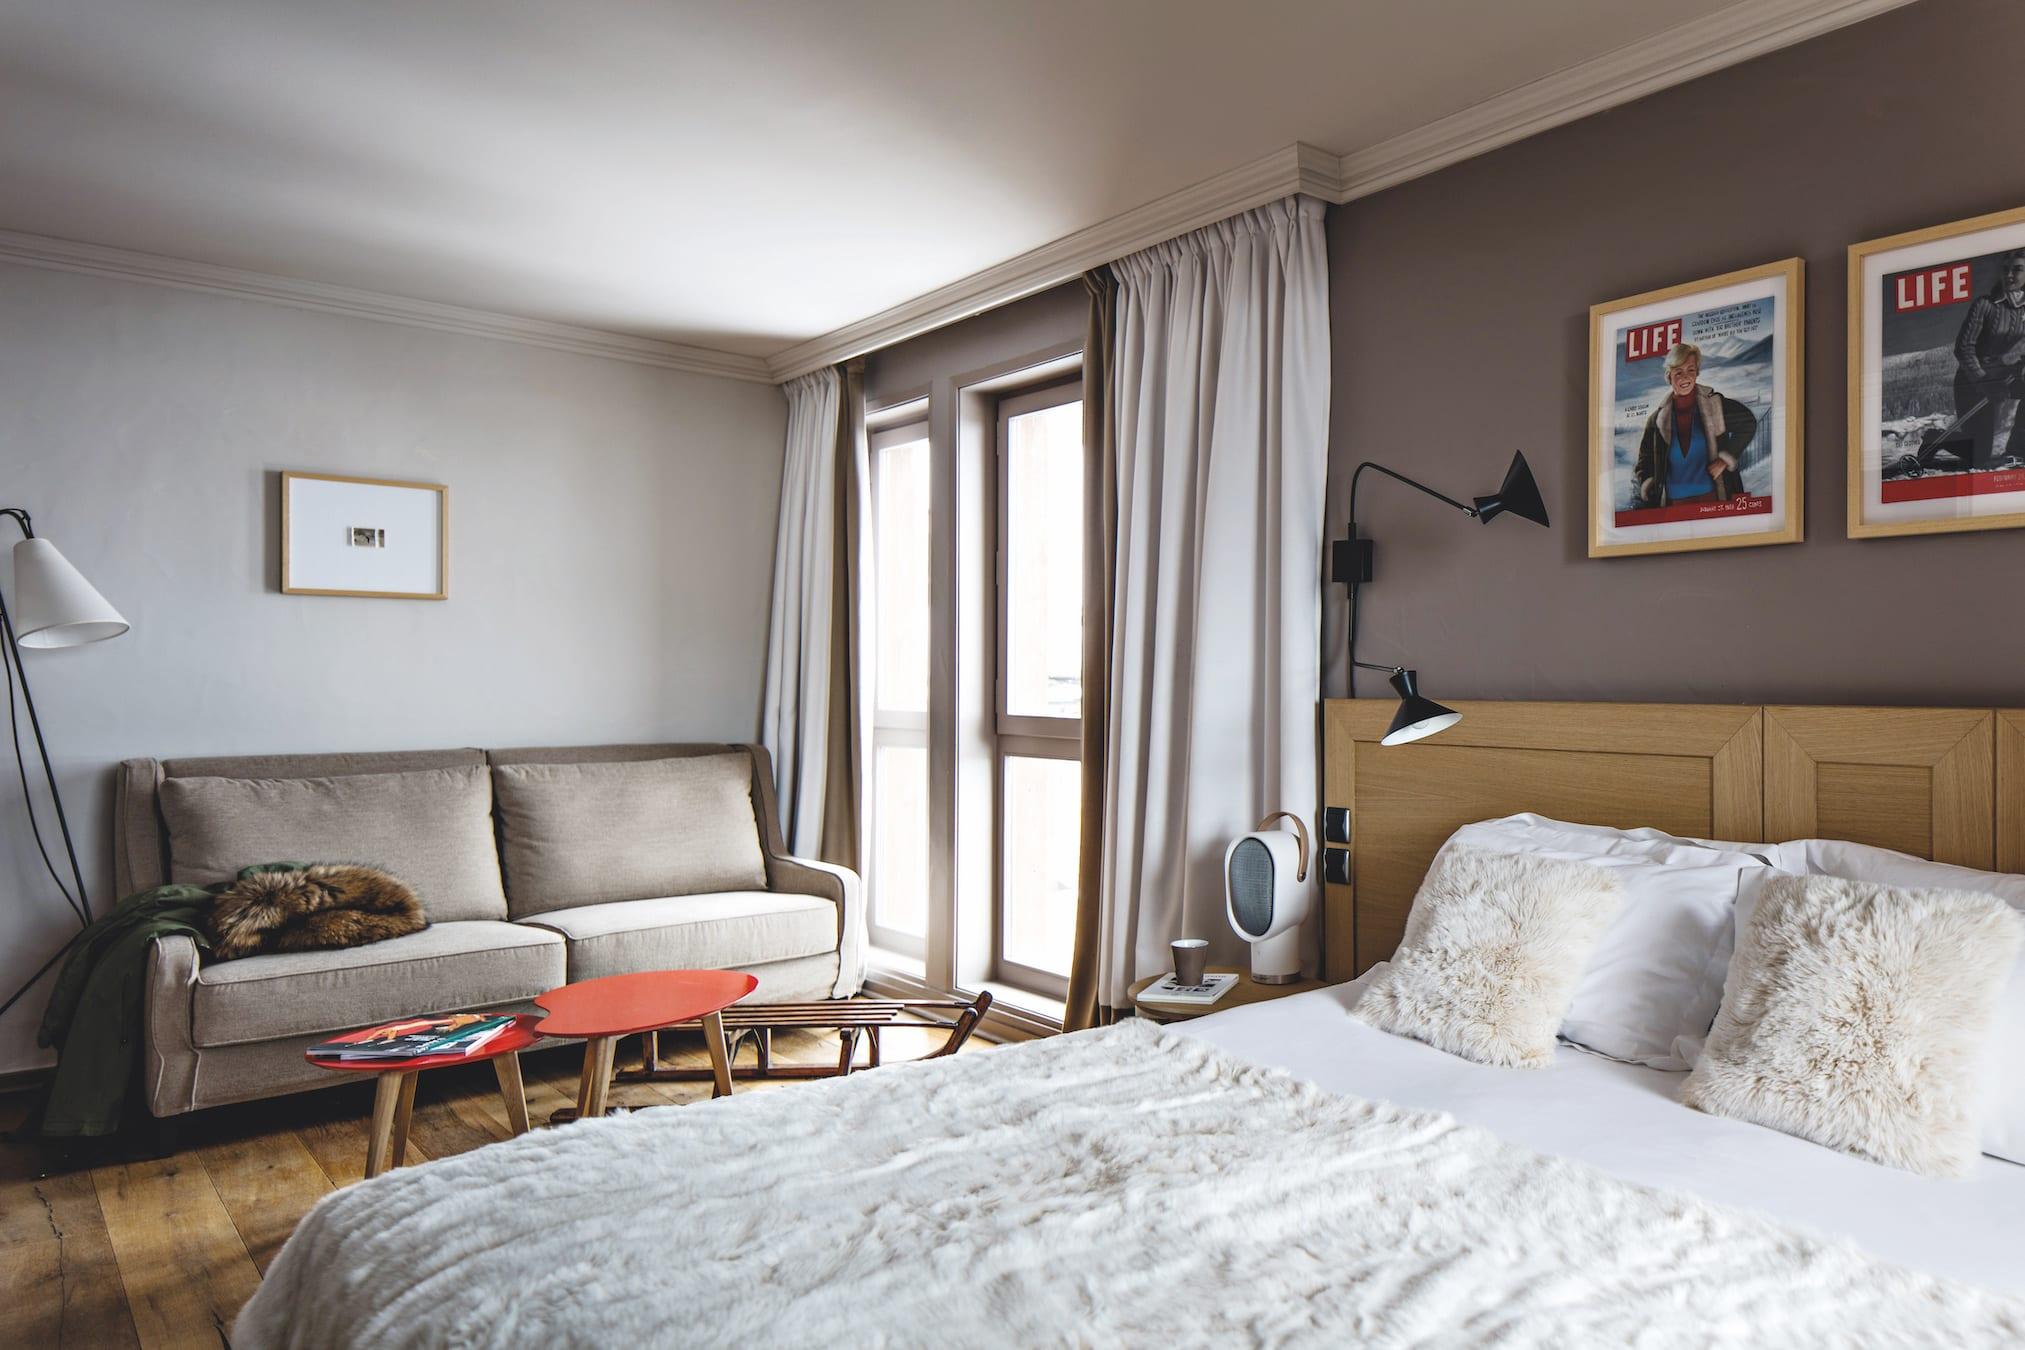 les-hotels-den-haut-hotel-des-trois-vallee-hd-3